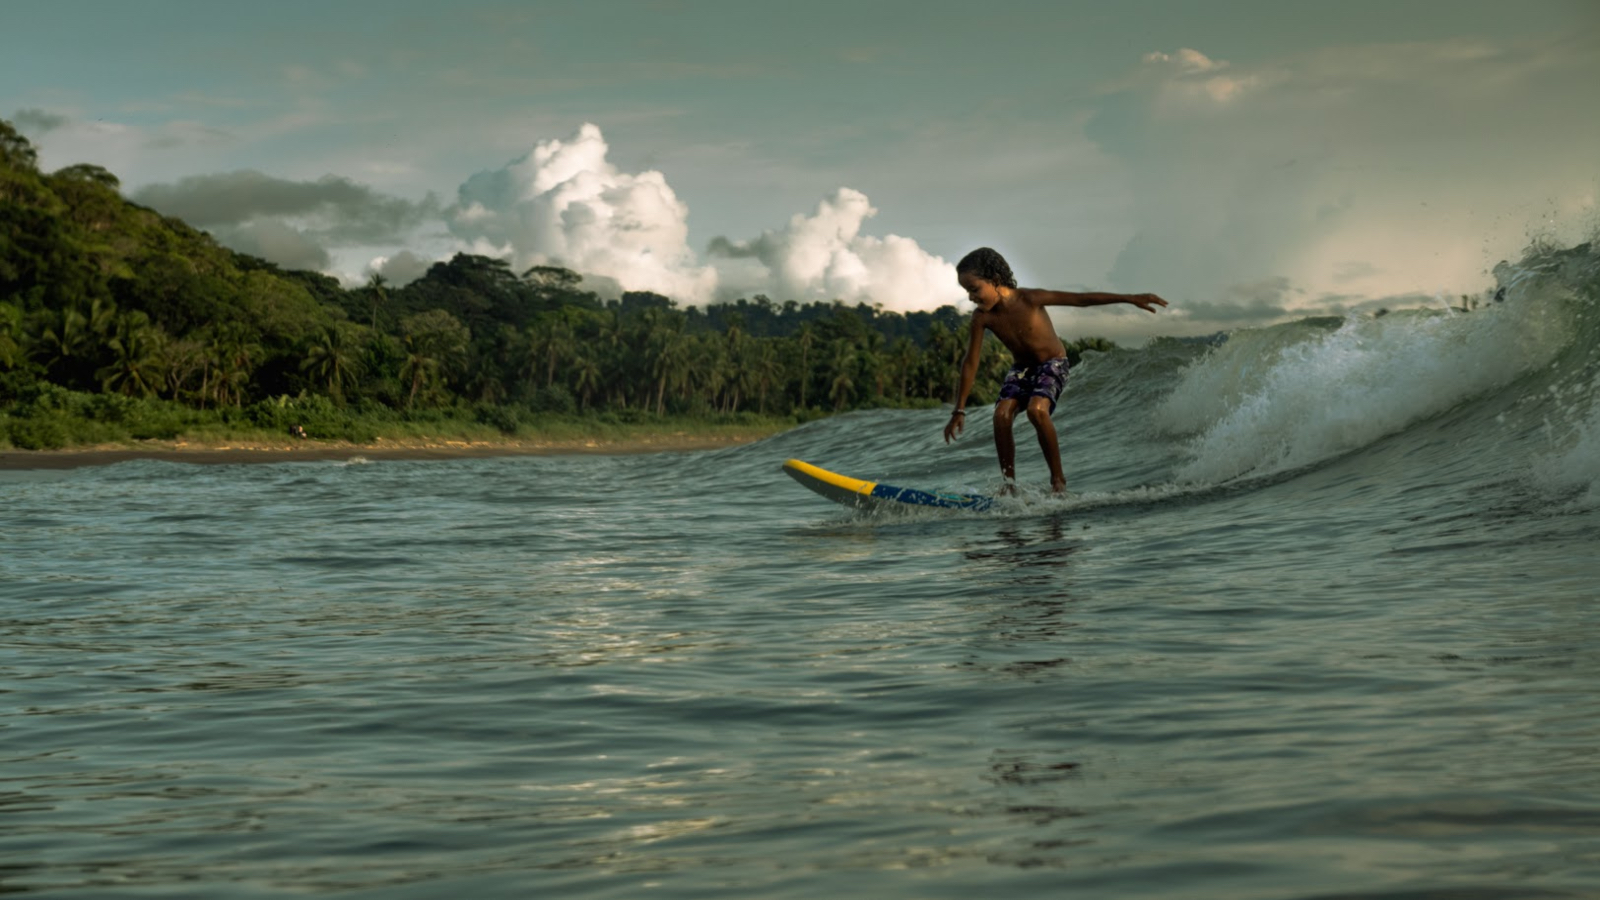 Surfeando sueños en el mar chocoano